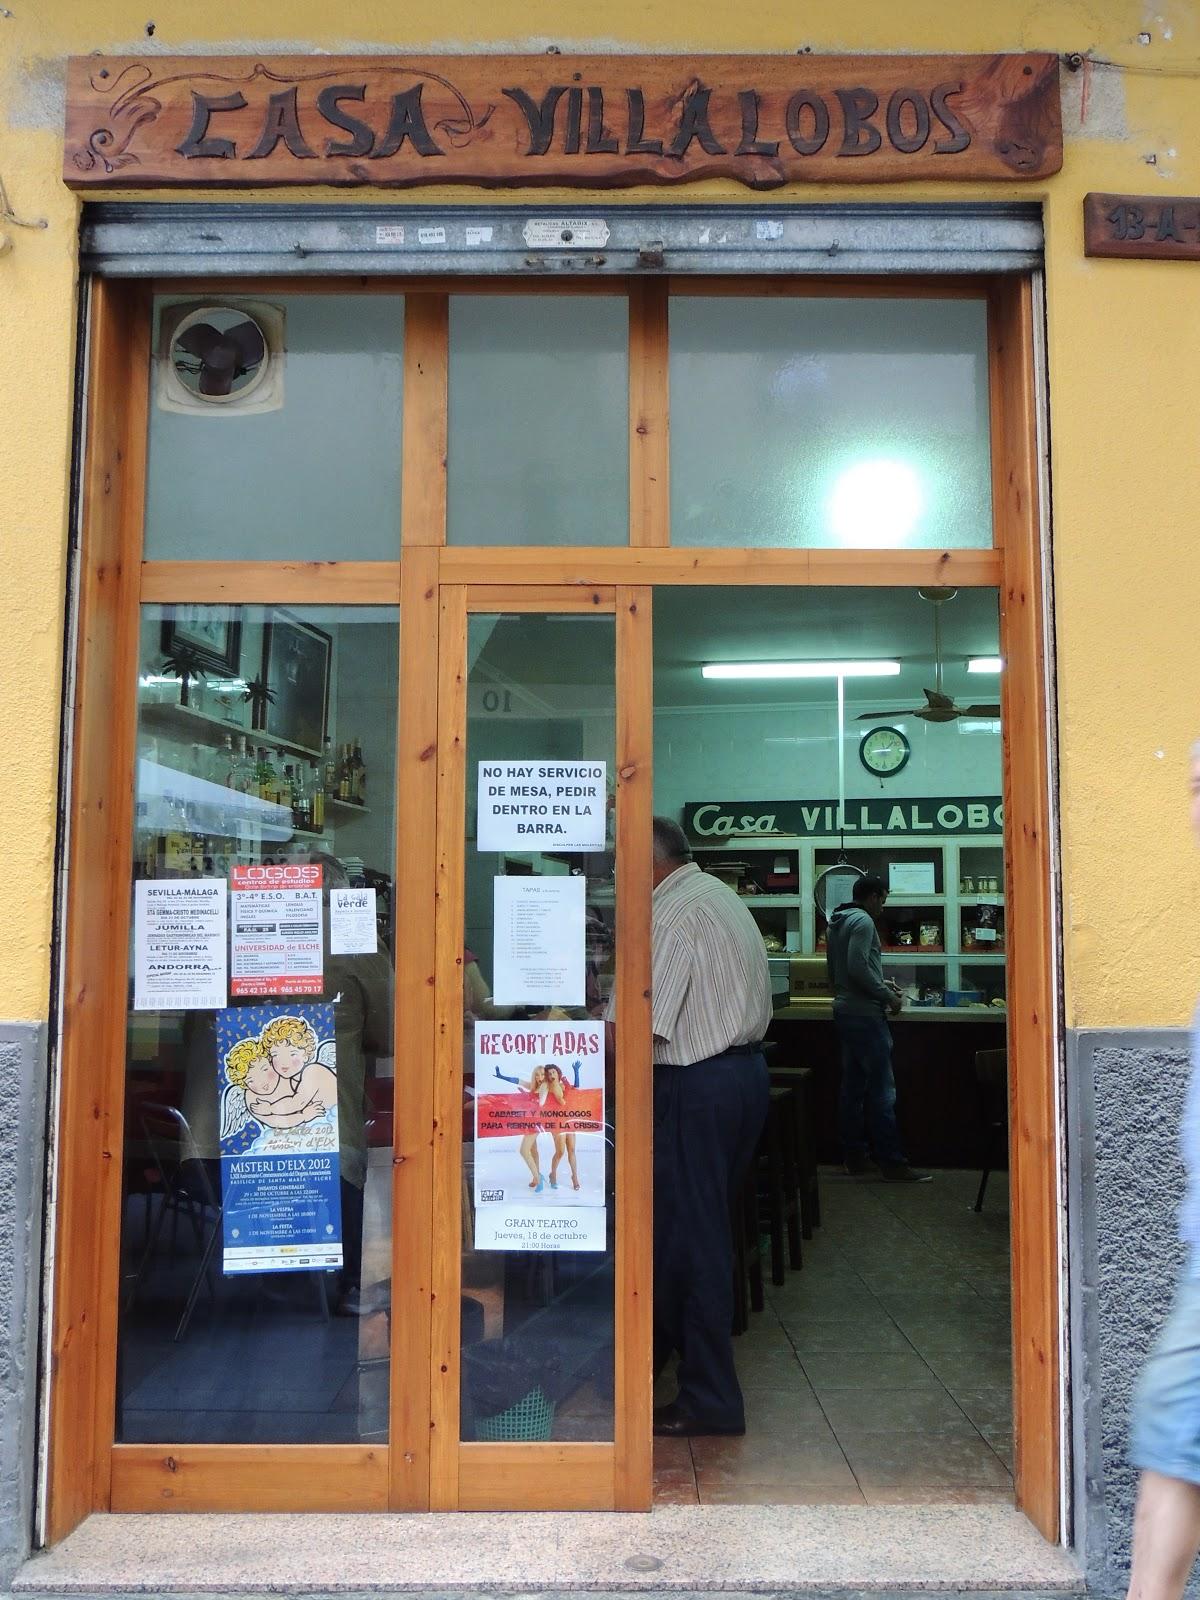 Villalobos  entry